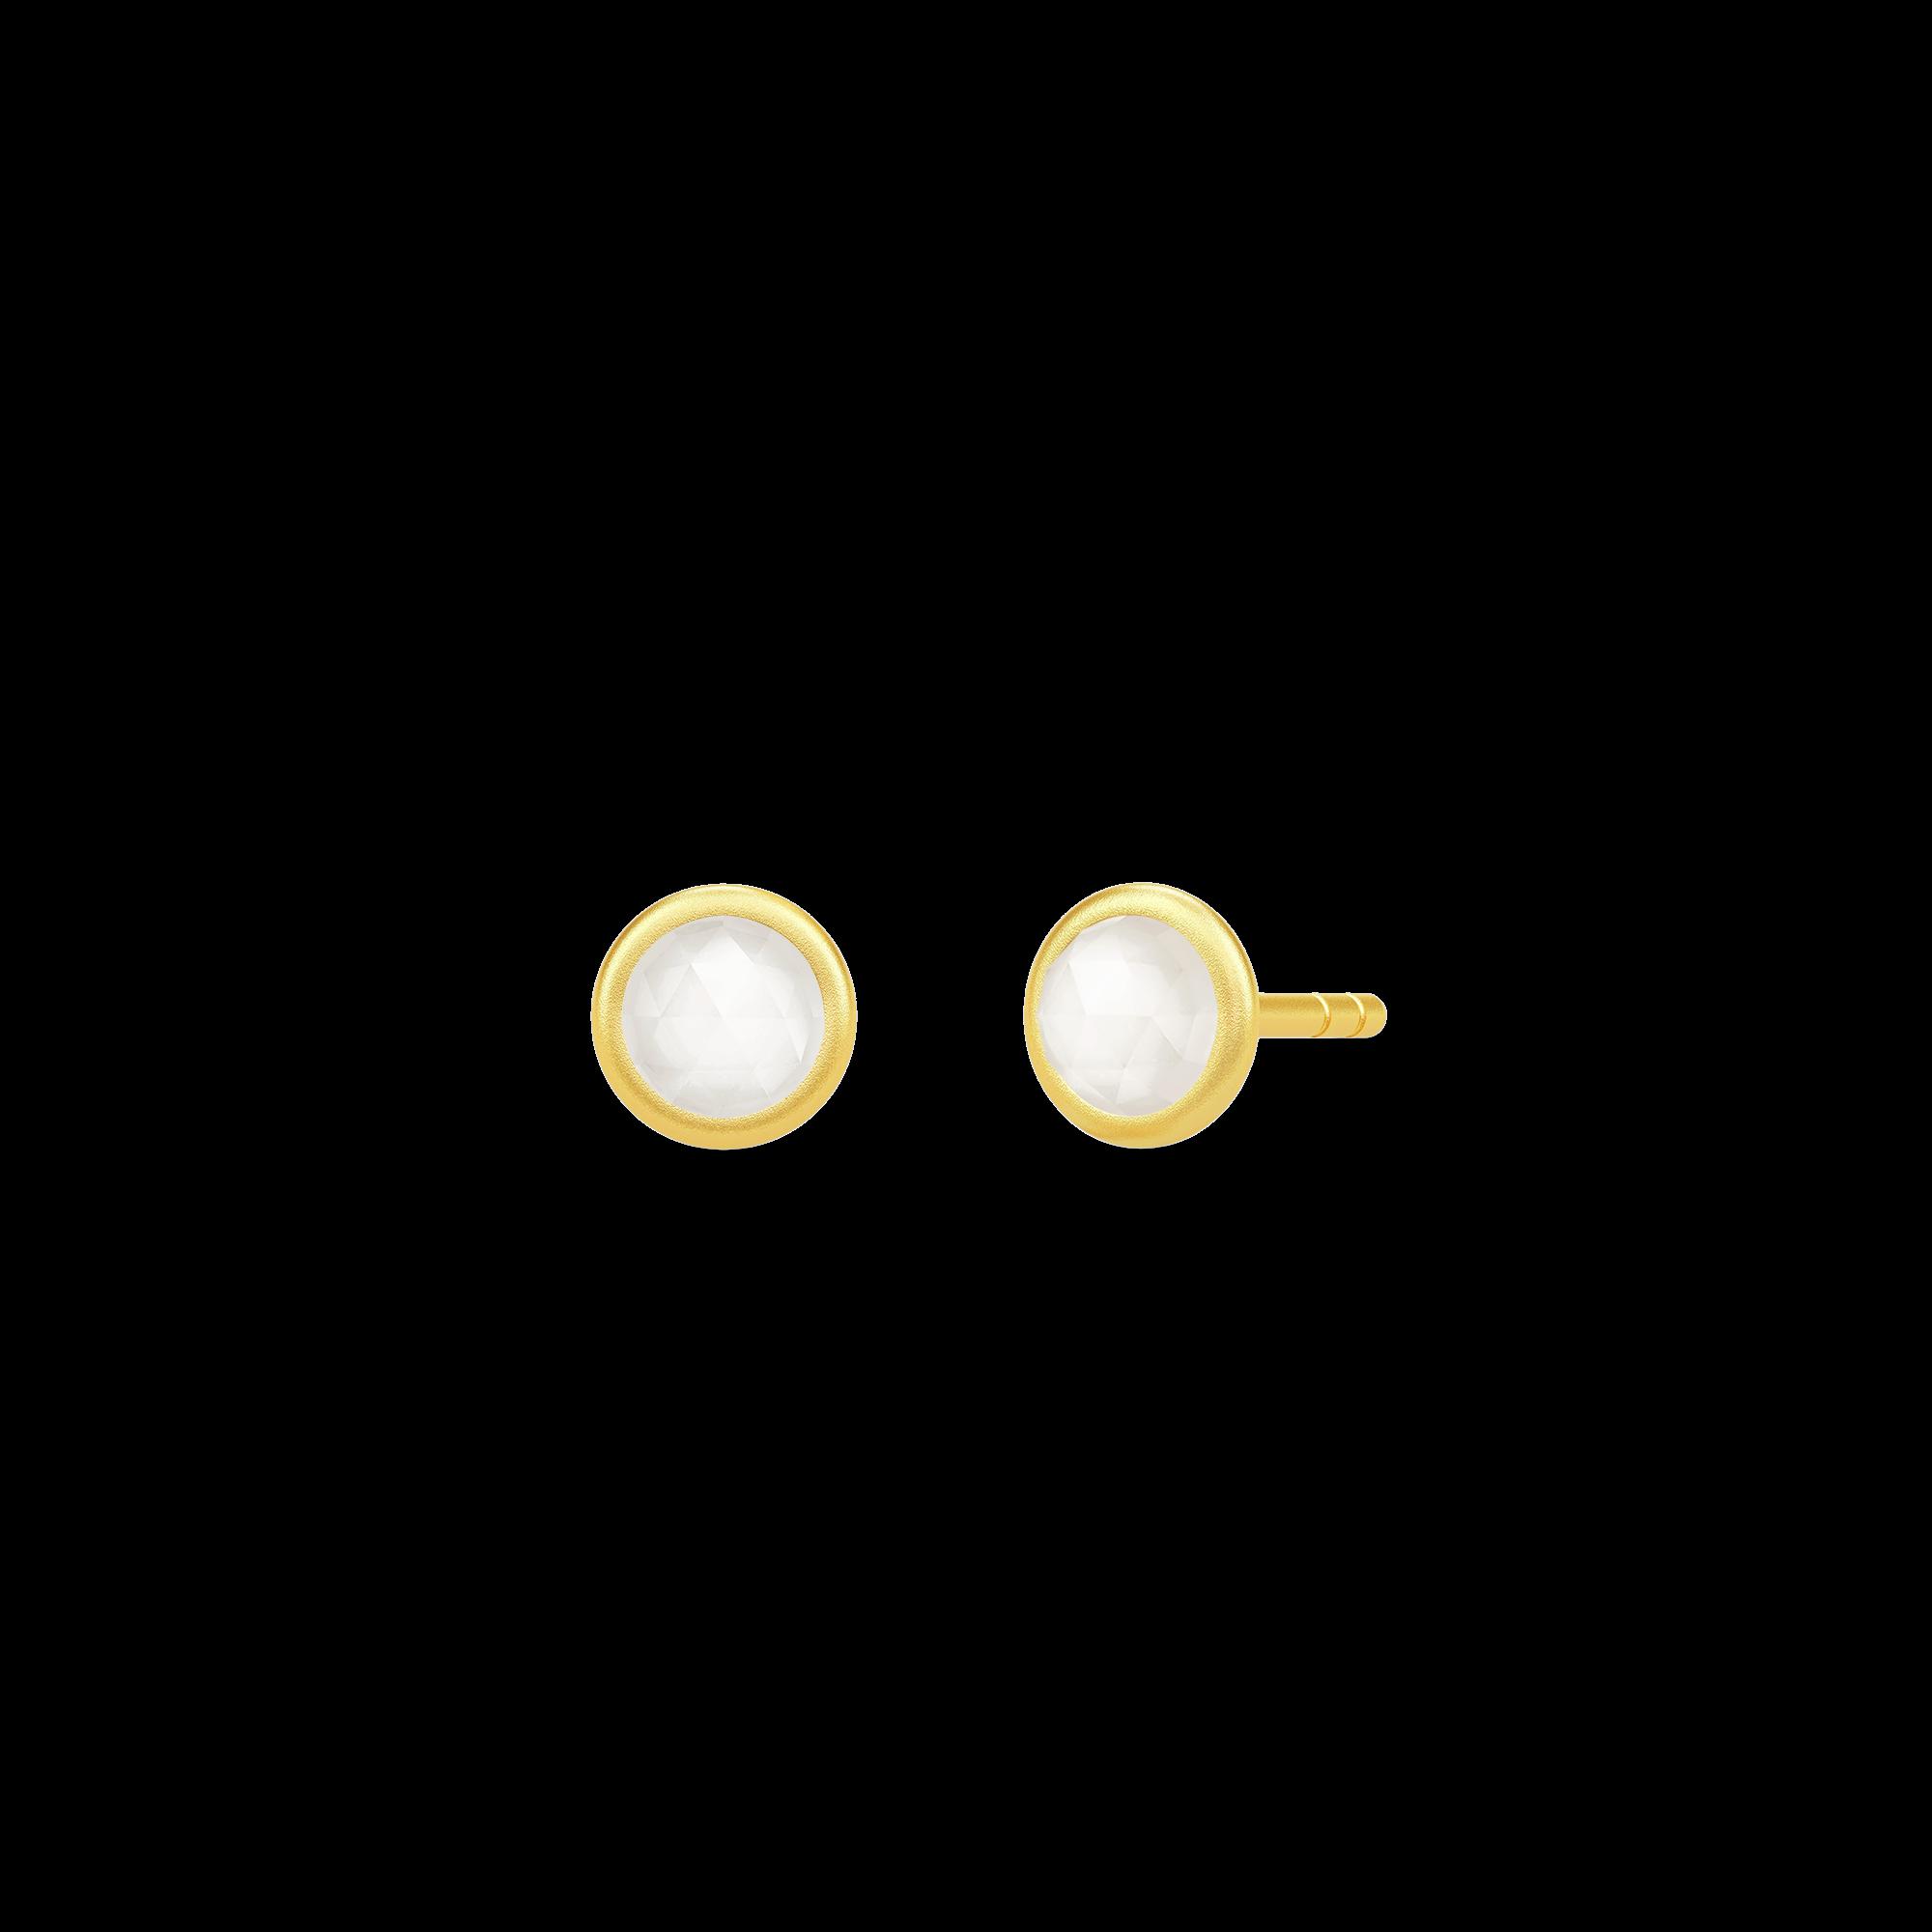 Julie Sandlau Moon ørestikker i forgyldt med hvid månesten